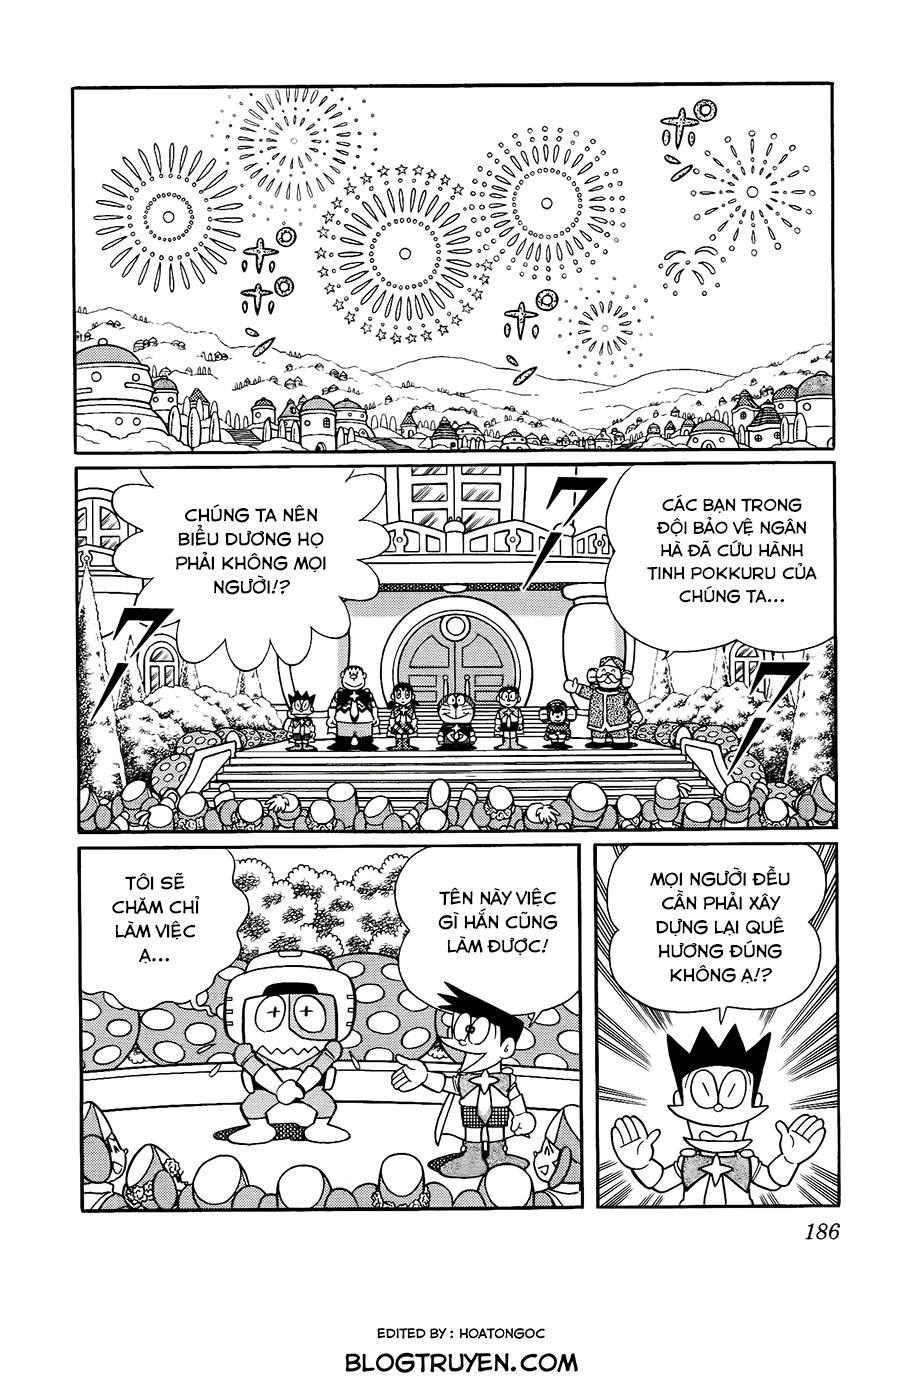 Doraemon - Nobita và Những hiệp sĩ không gian [Bản đẹp]: Doraemon - nobita và những hiệp sĩ không gian [bản đẹp] part 08